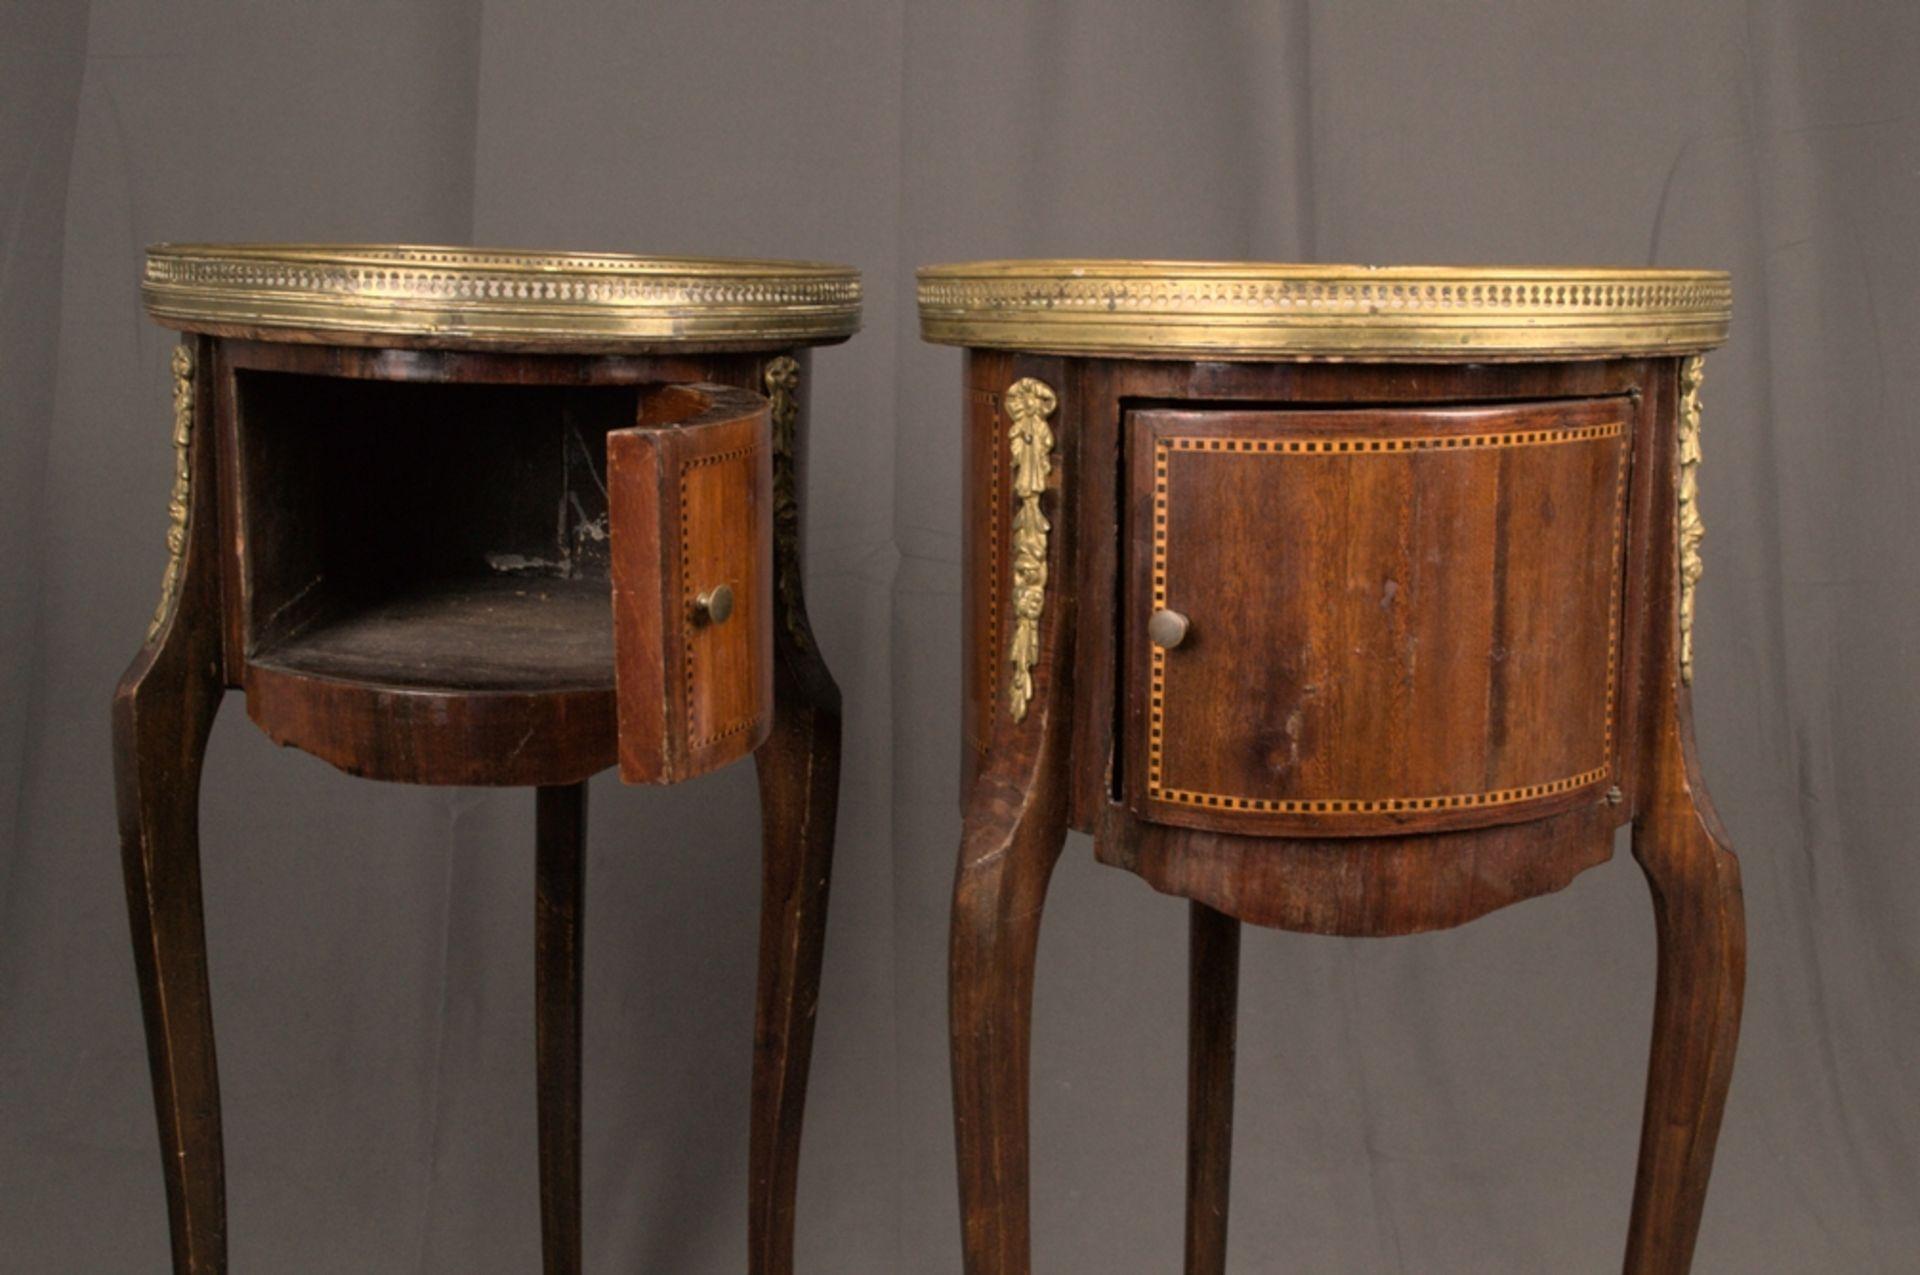 Paar eleganter, dreibeiniger Beistelltische sog. Gueridons, Frankreich 19./20. Jhd. Eintüriger - Bild 9 aus 19